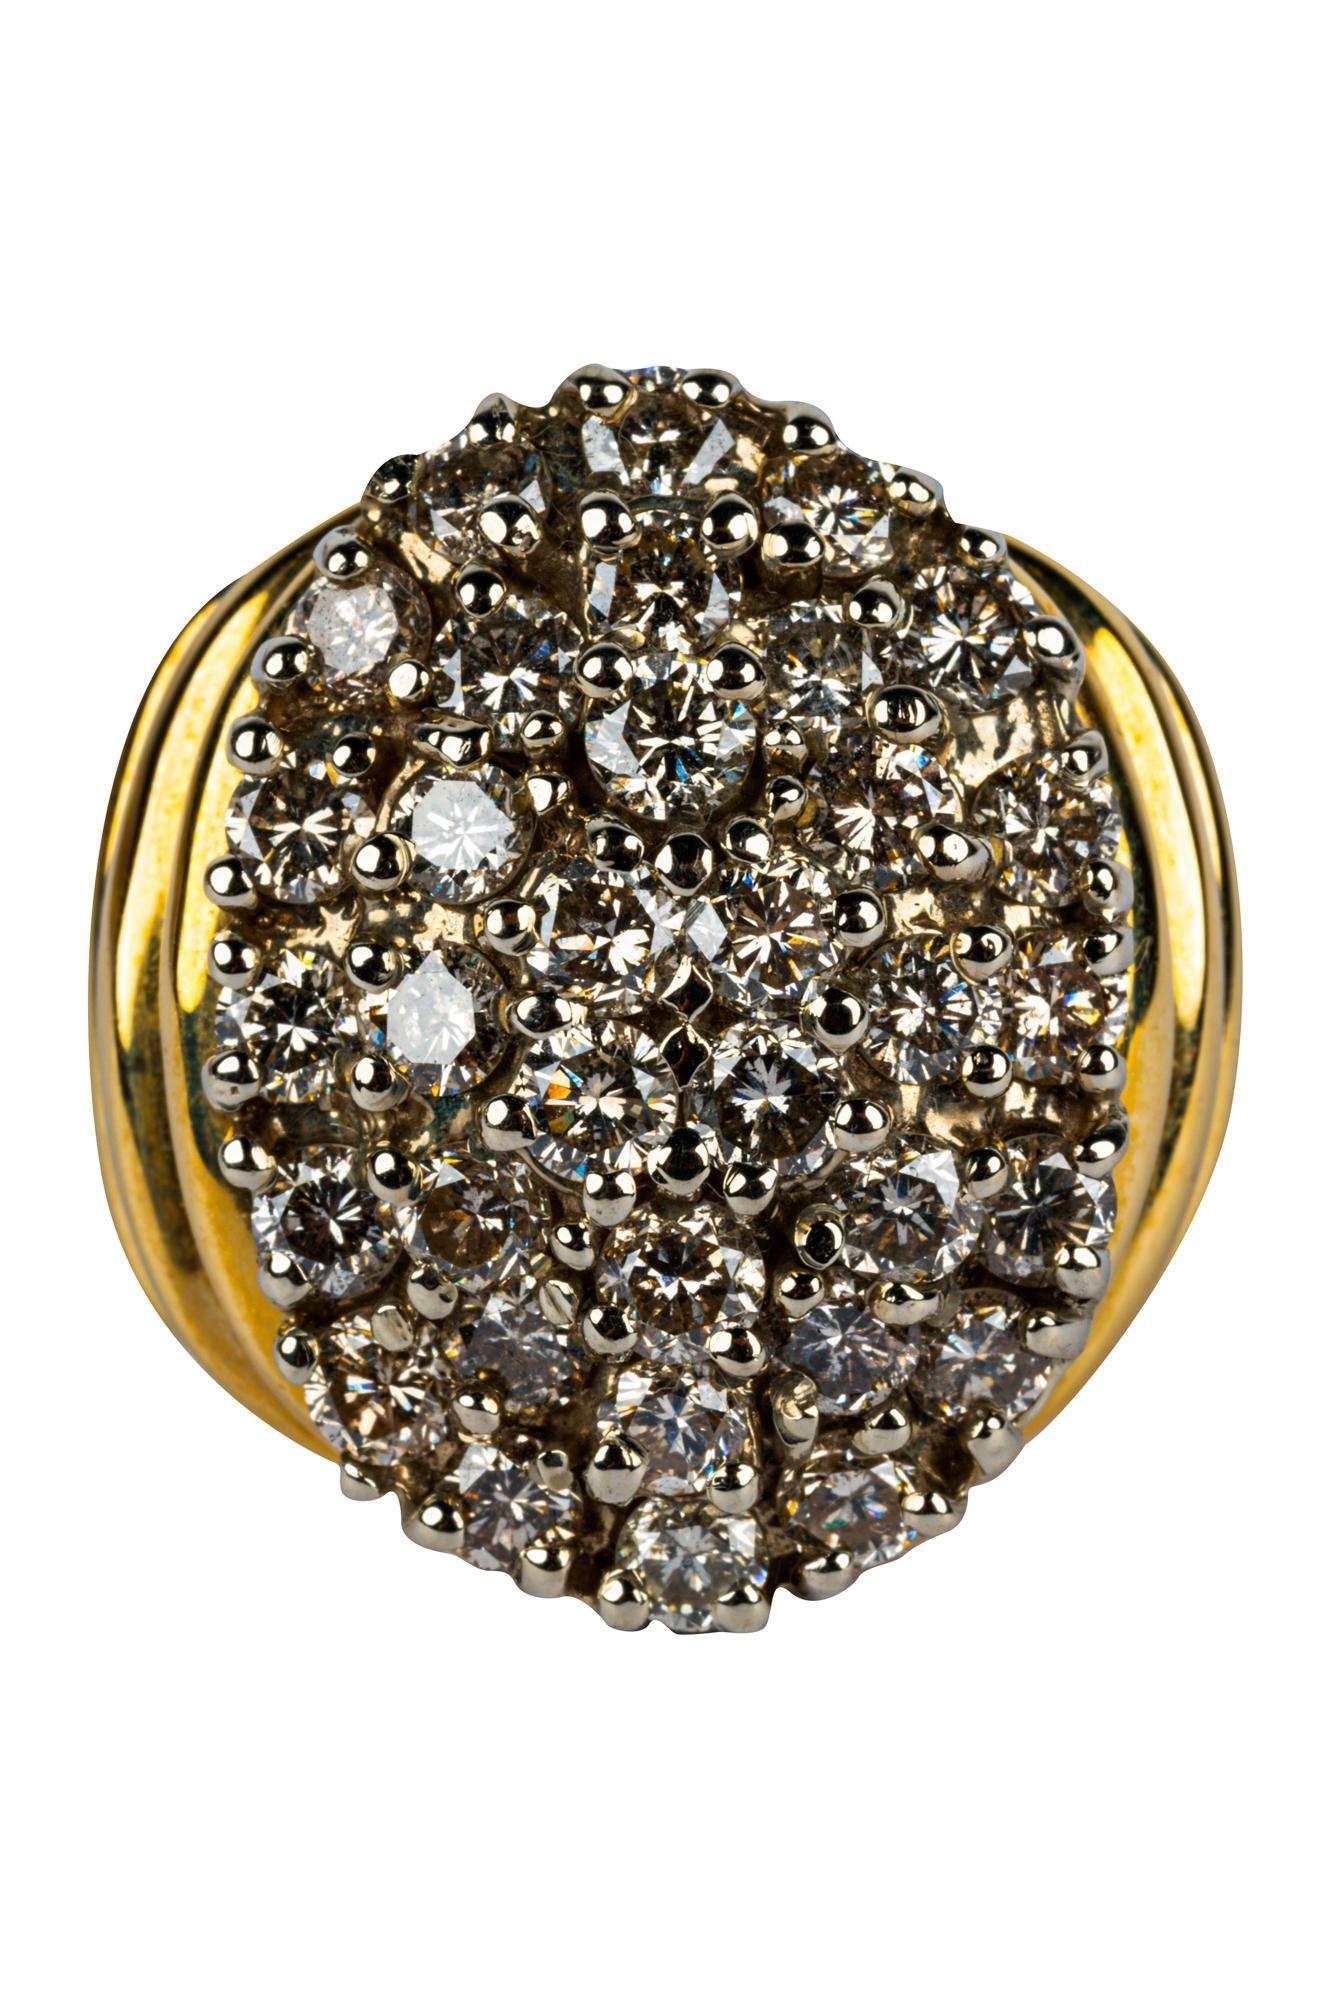 14 KARAT YELLOW GOLD & DIAMOND CLUSTER RING